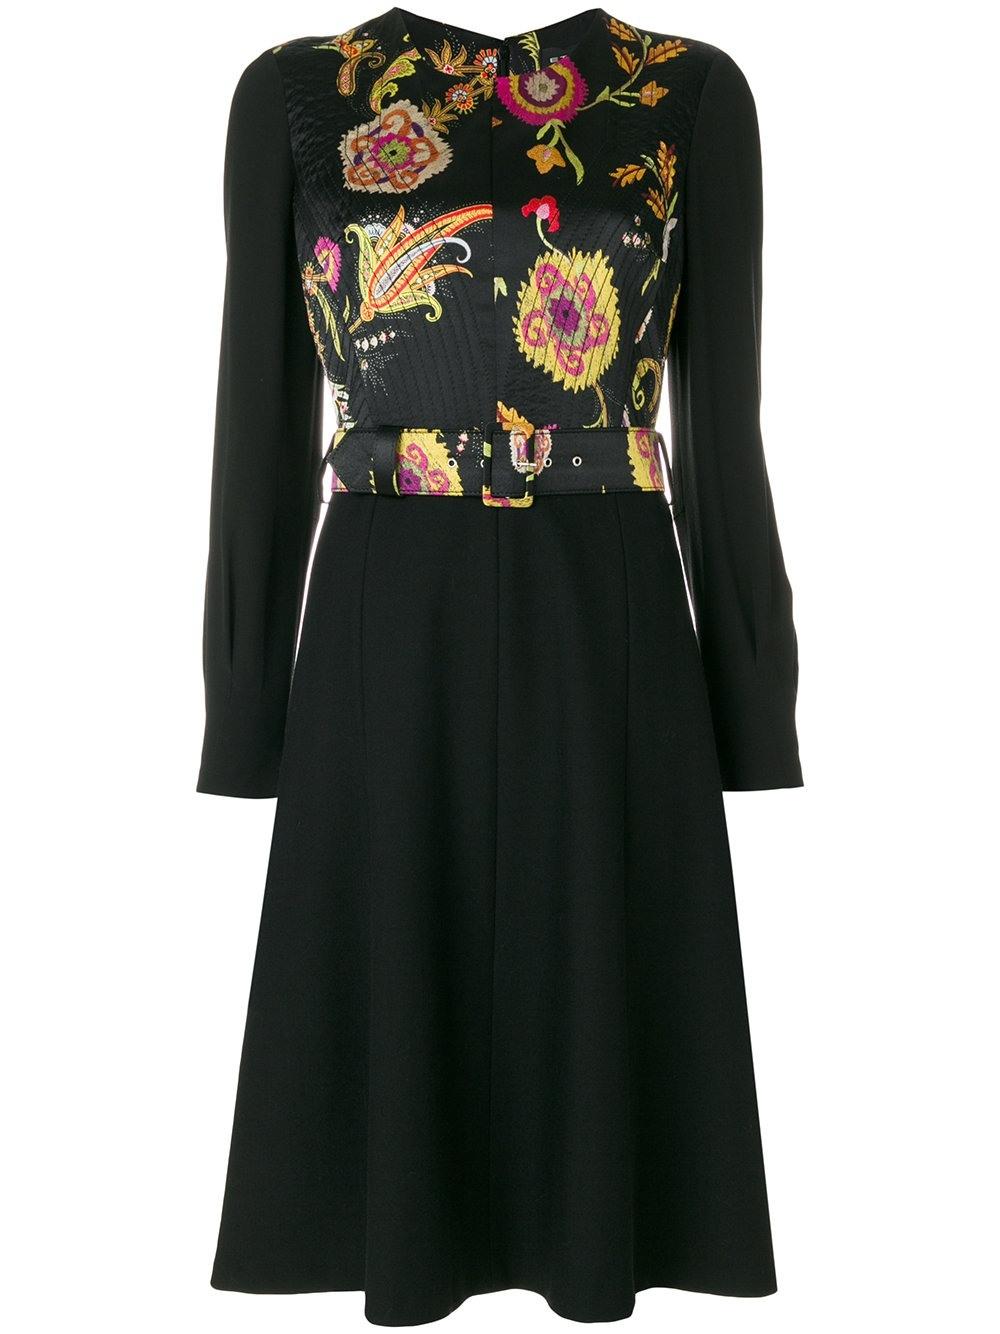 Abend Genial Tageskleider Damen StylishDesigner Luxus Tageskleider Damen Galerie